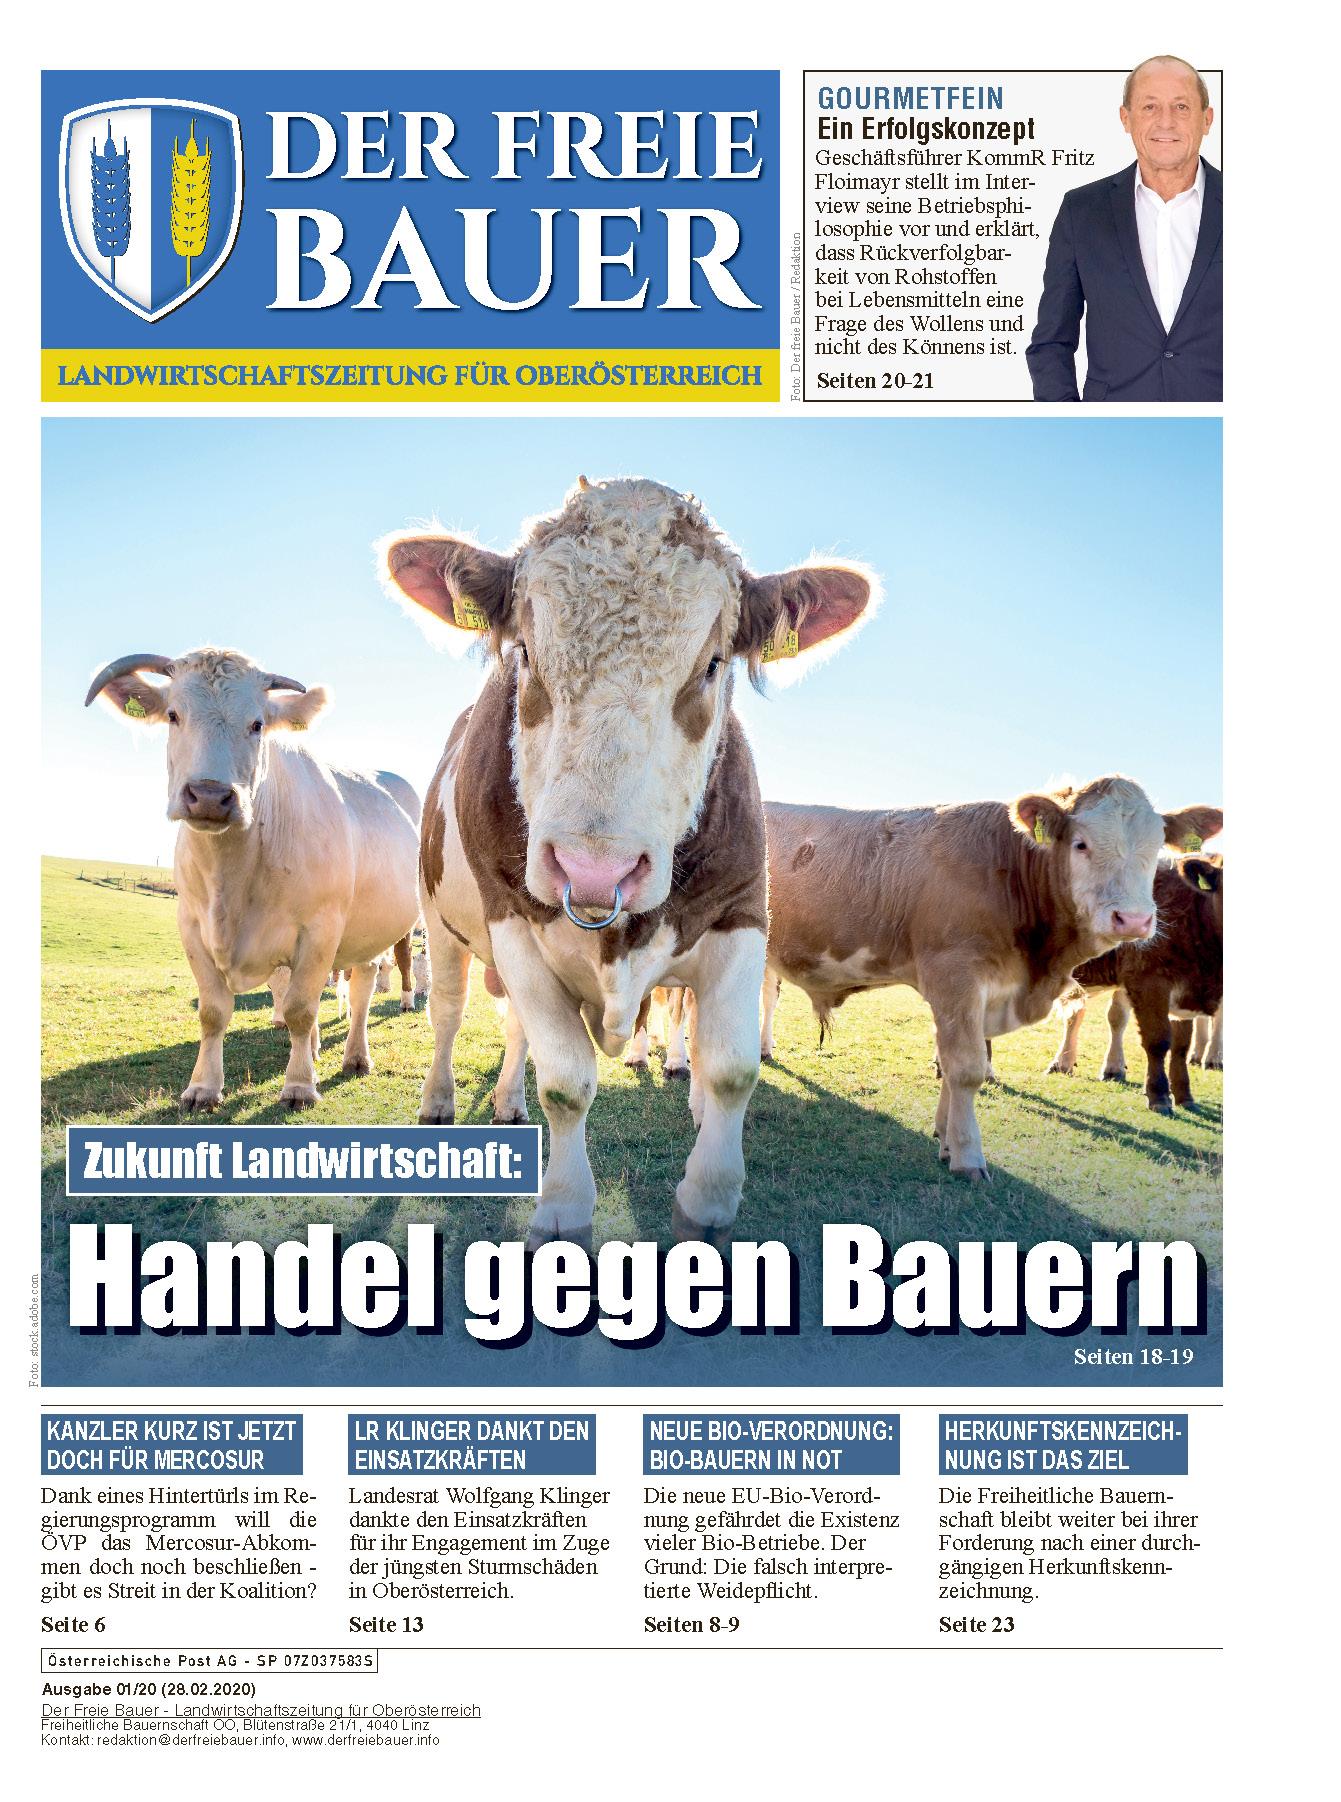 Der Freie Bauer 01/2020